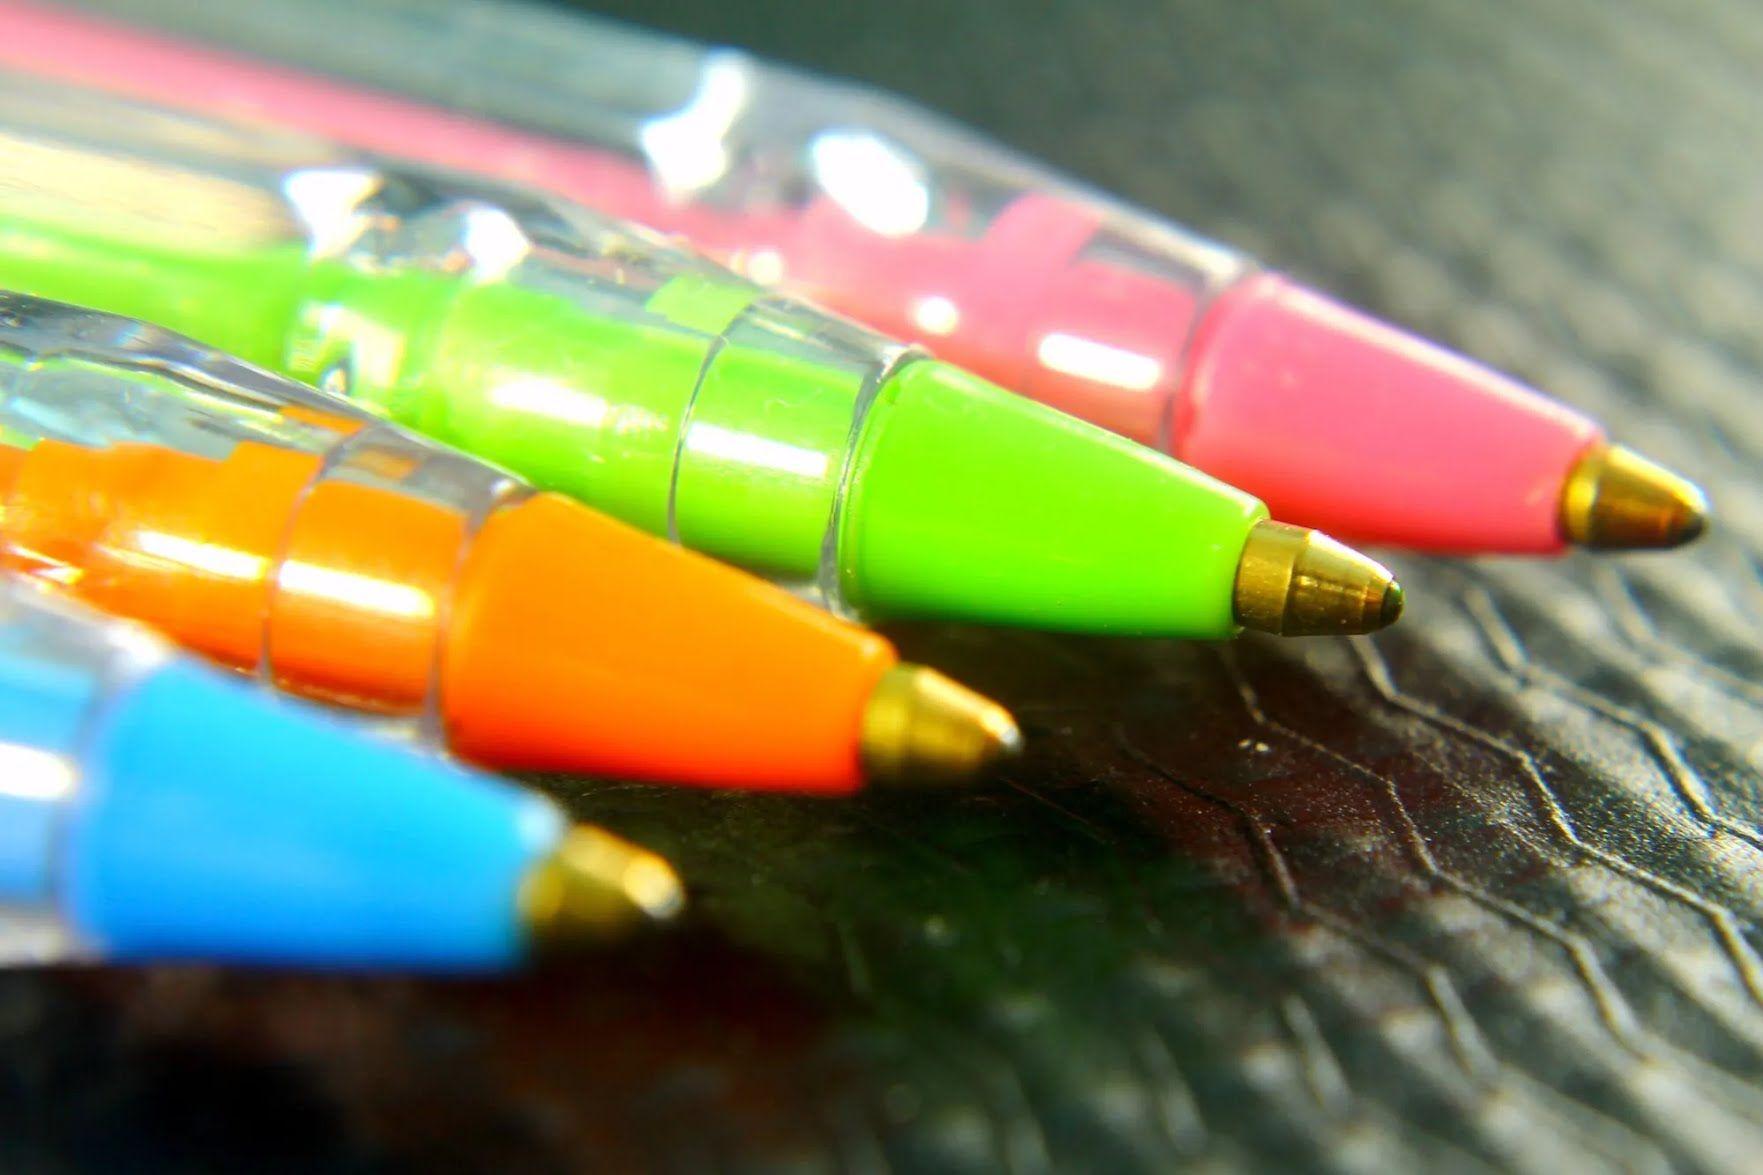 Сучасну кулькову ручку винайшов журналіст з Угорщини Ласло Біро